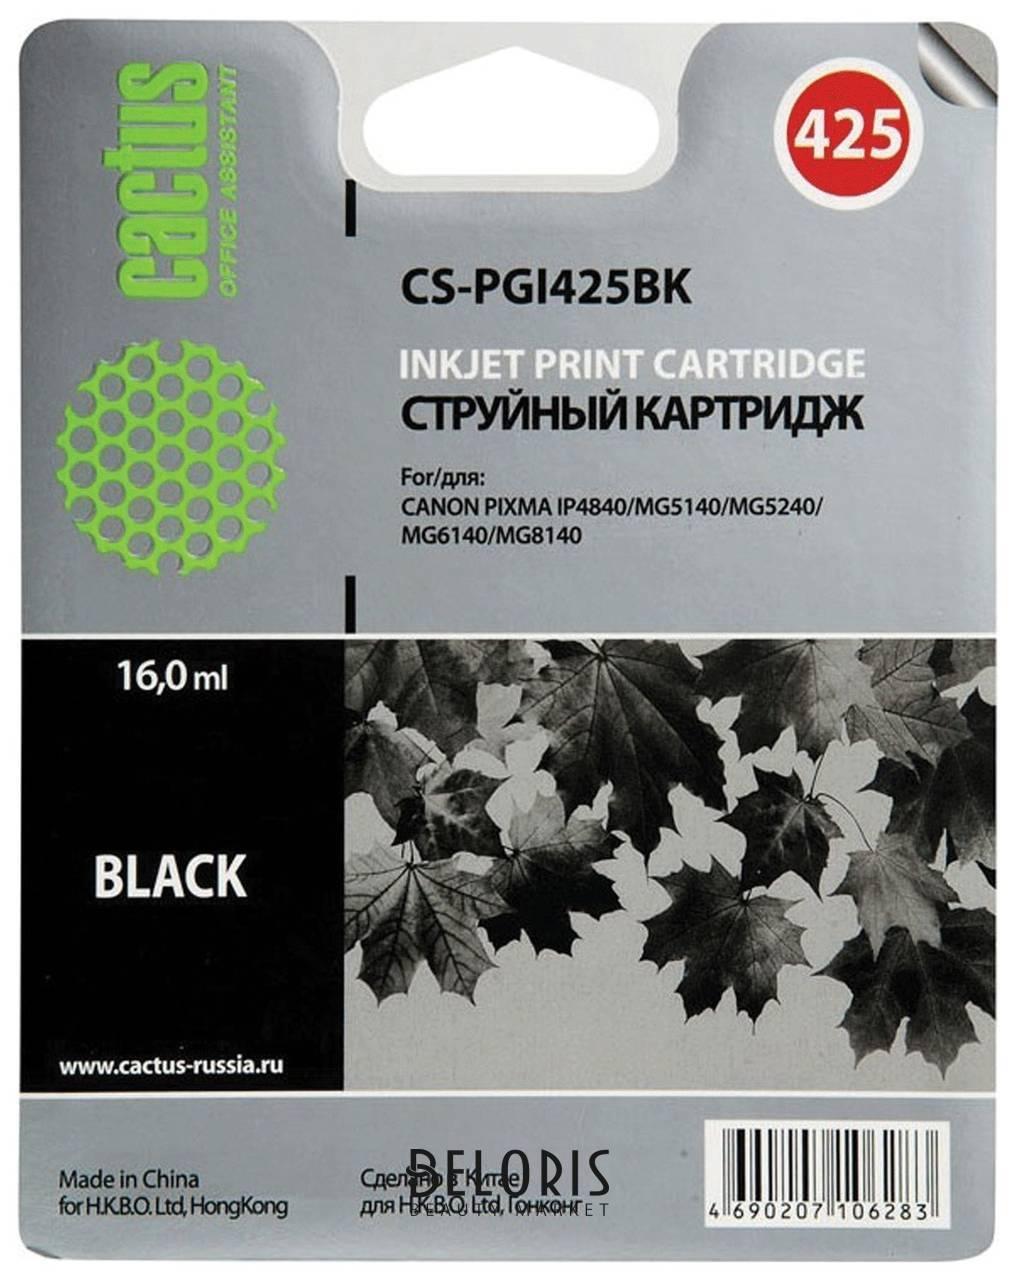 Картридж струйный Cactus (Cs-pgi425bk) для Canon Pixma Mg5140/mg5240/mg6140/mg8140, черный Cactus